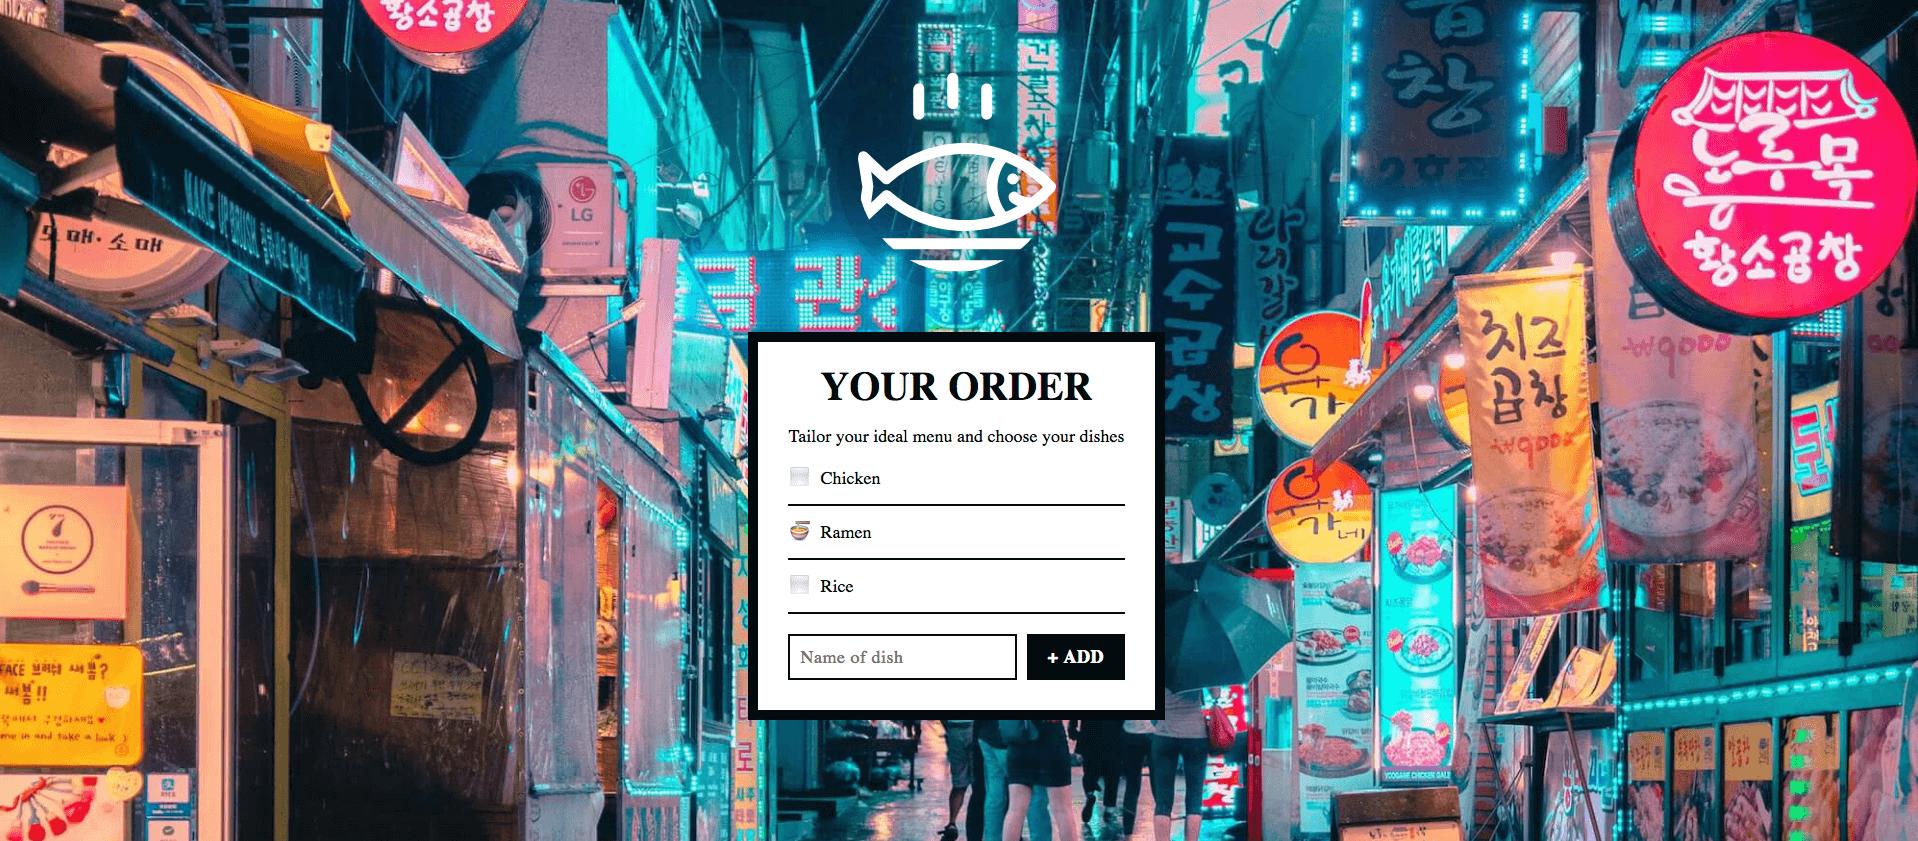 Food menu order